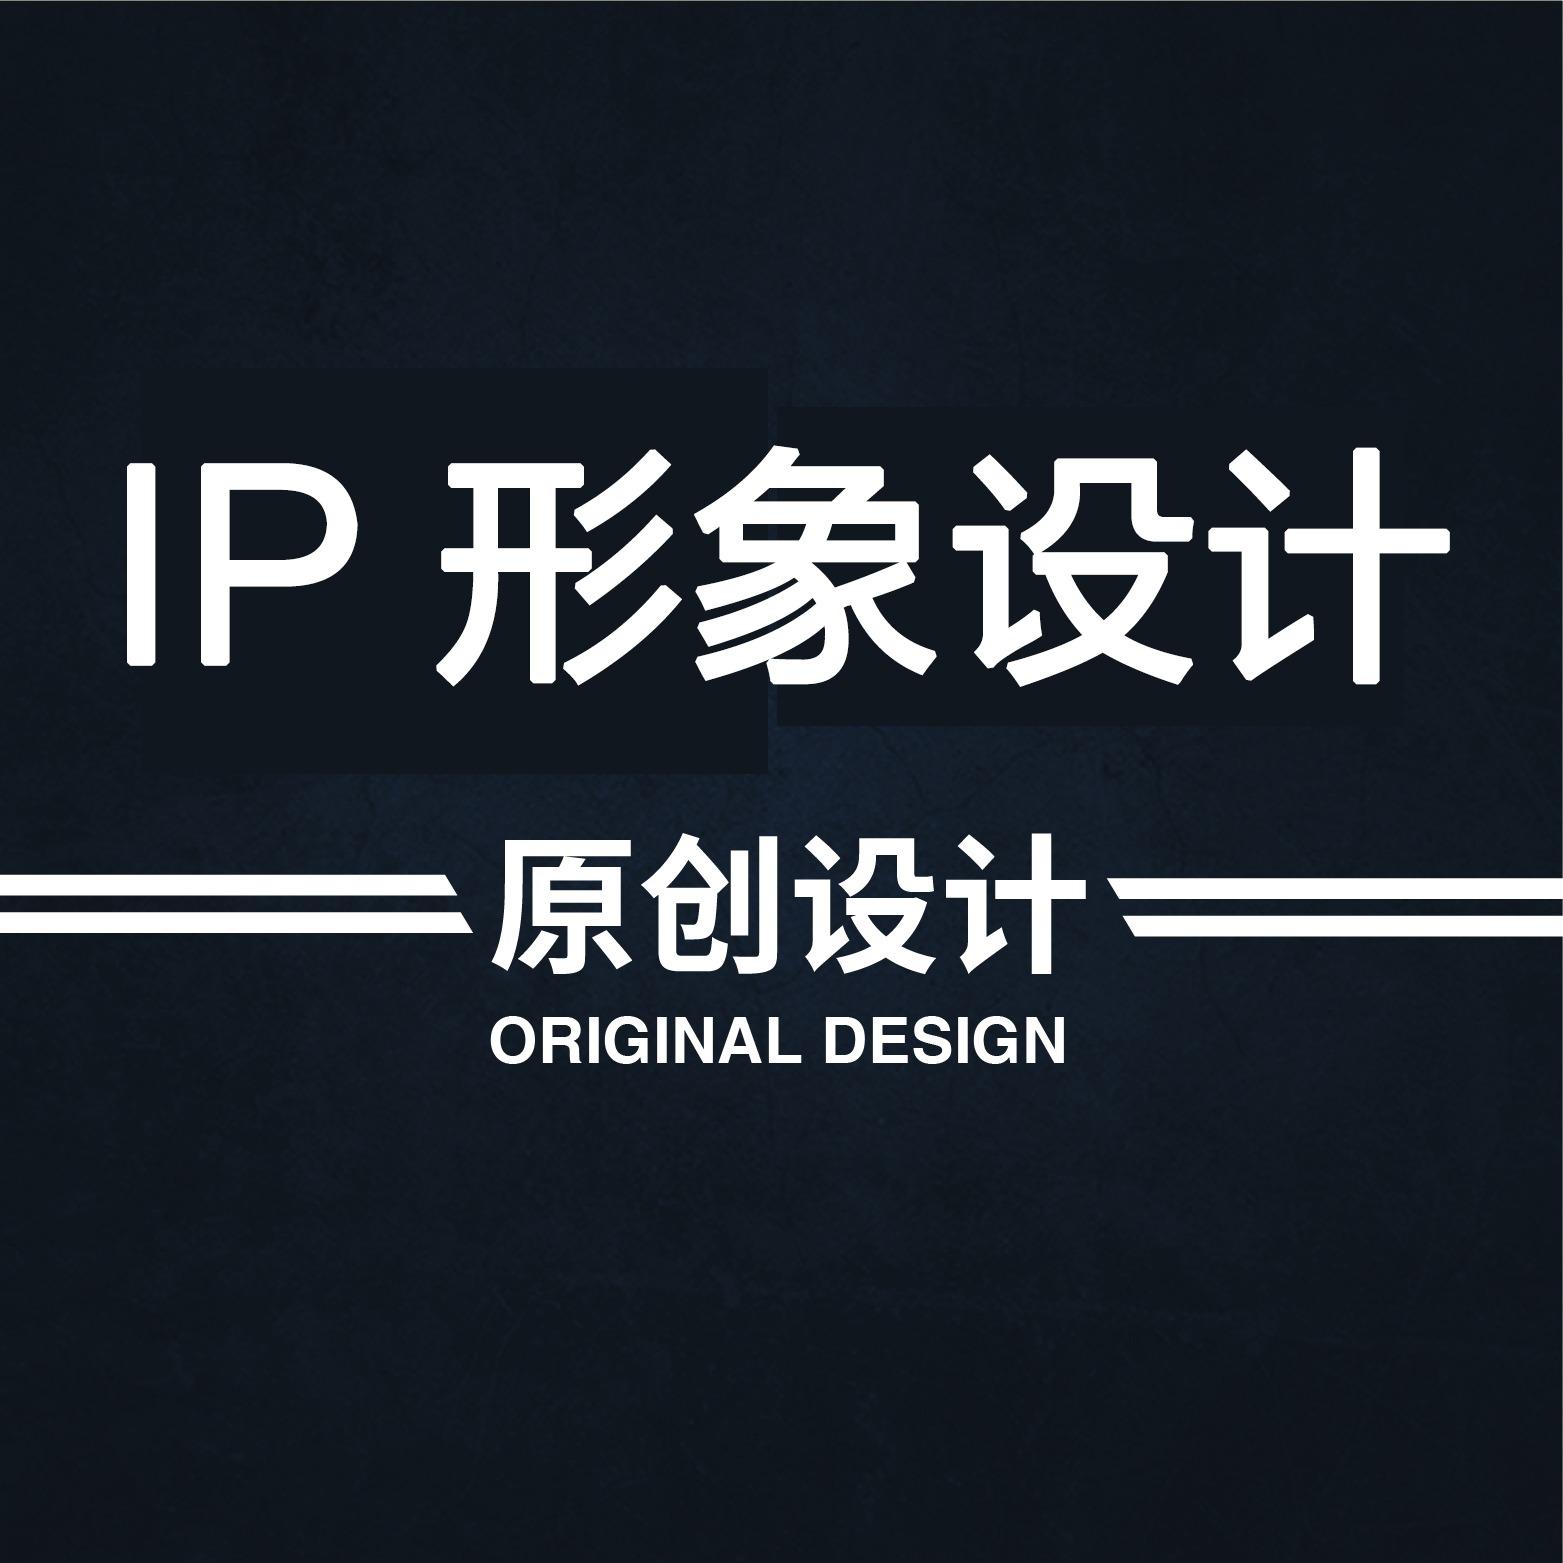 企业IP形象设计卡通logo设计吉祥物设计及建模